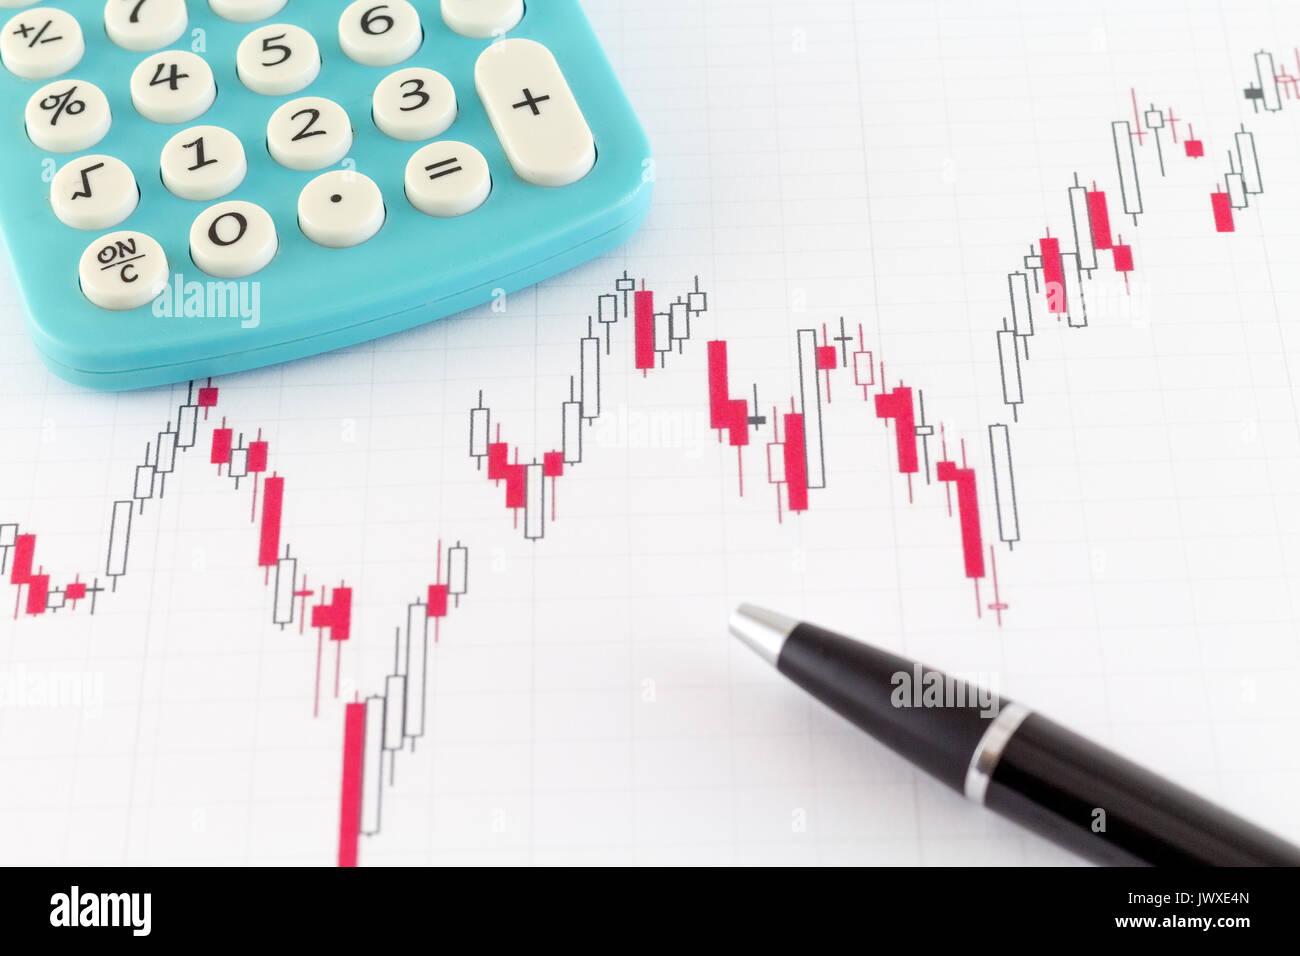 Tableau Stock Market Stock financier Photo Stock